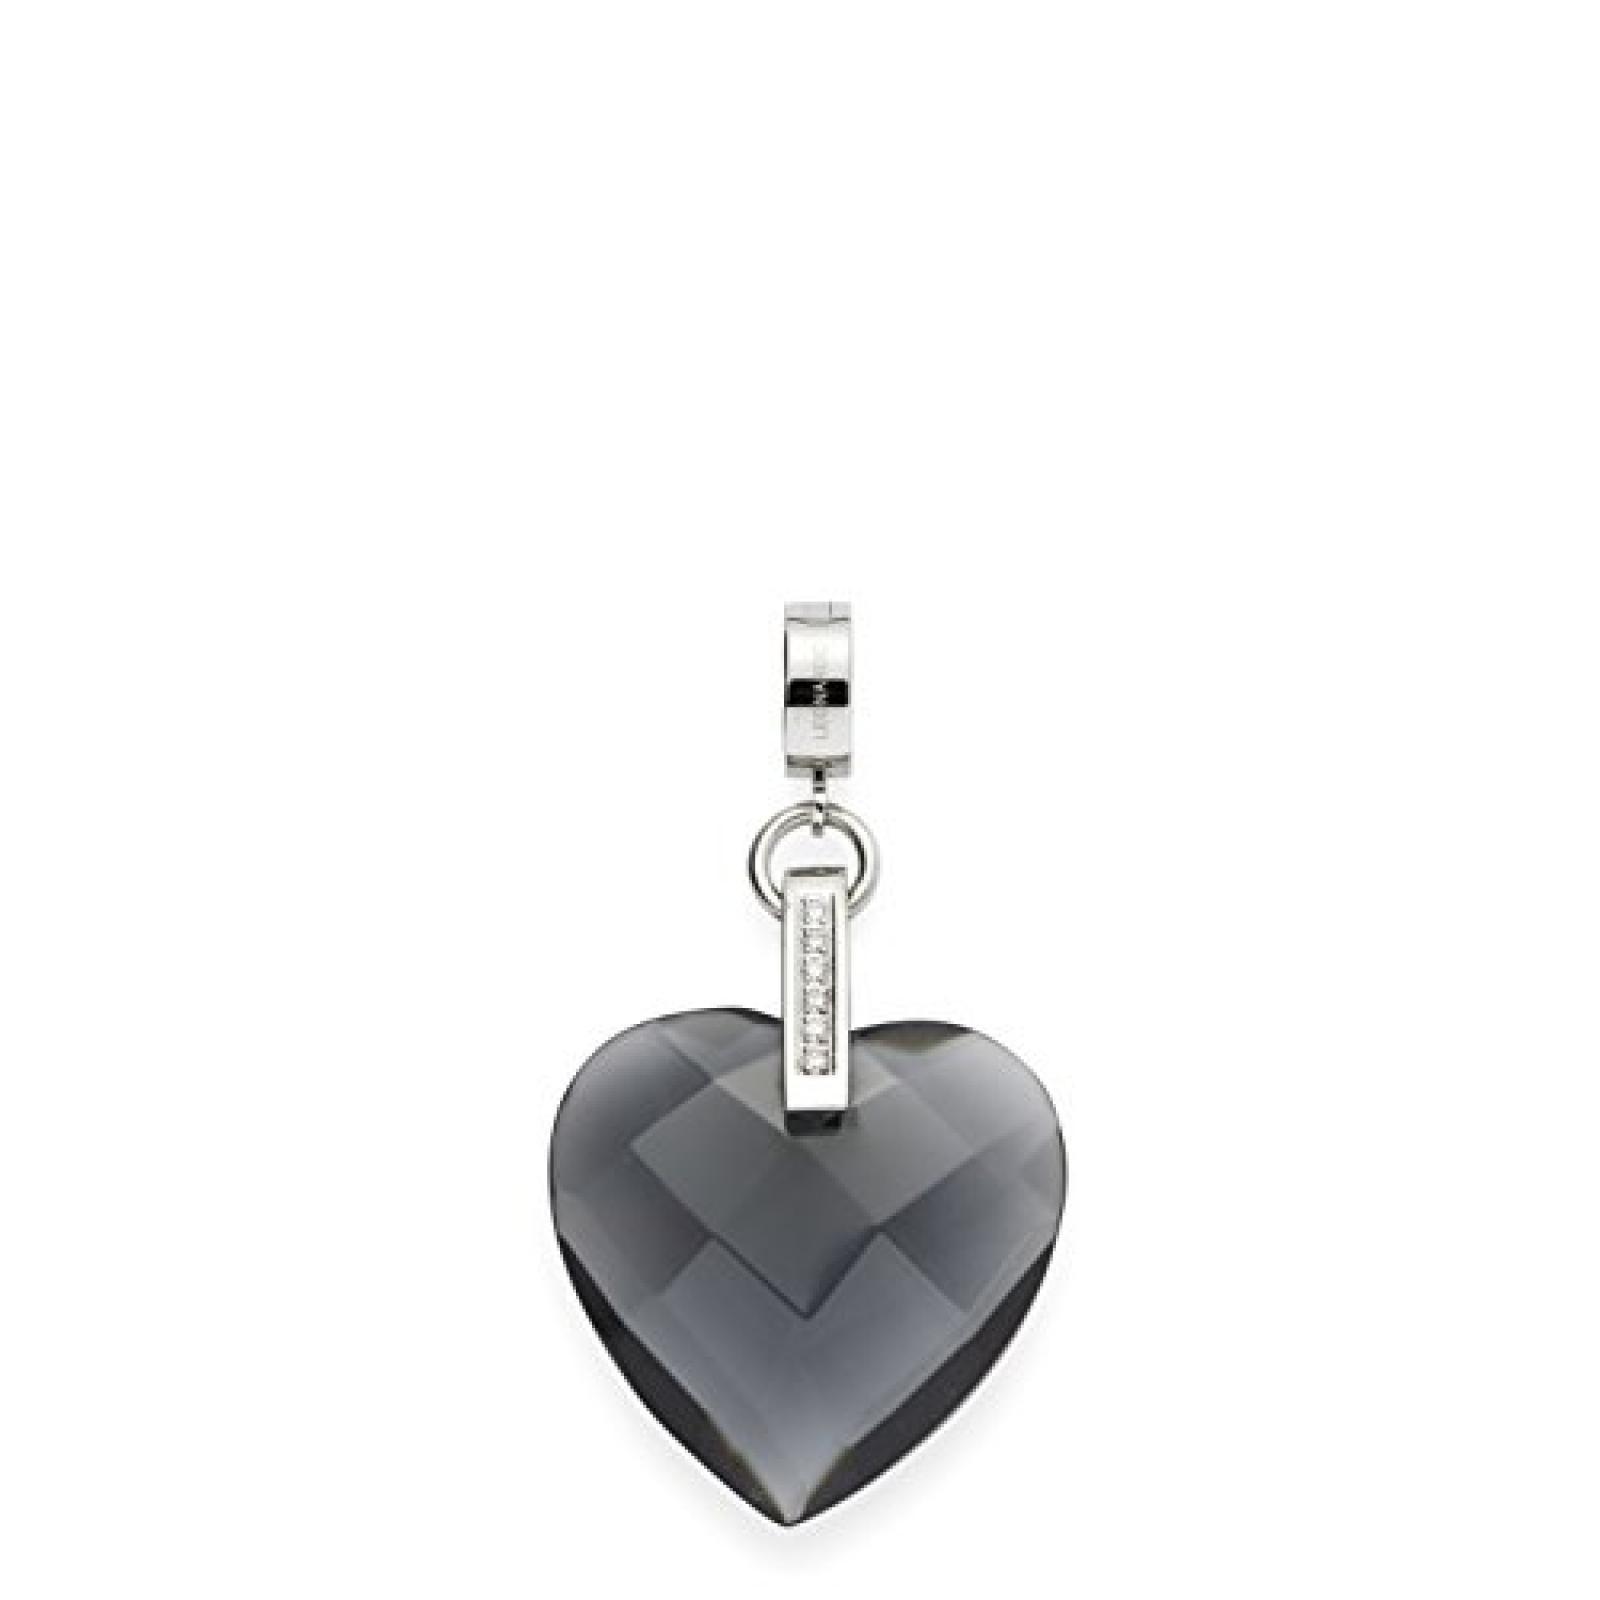 Leonardo Jewels Damen-Anhänger Edelstahl Glas Darlins 5.5 cm 015375